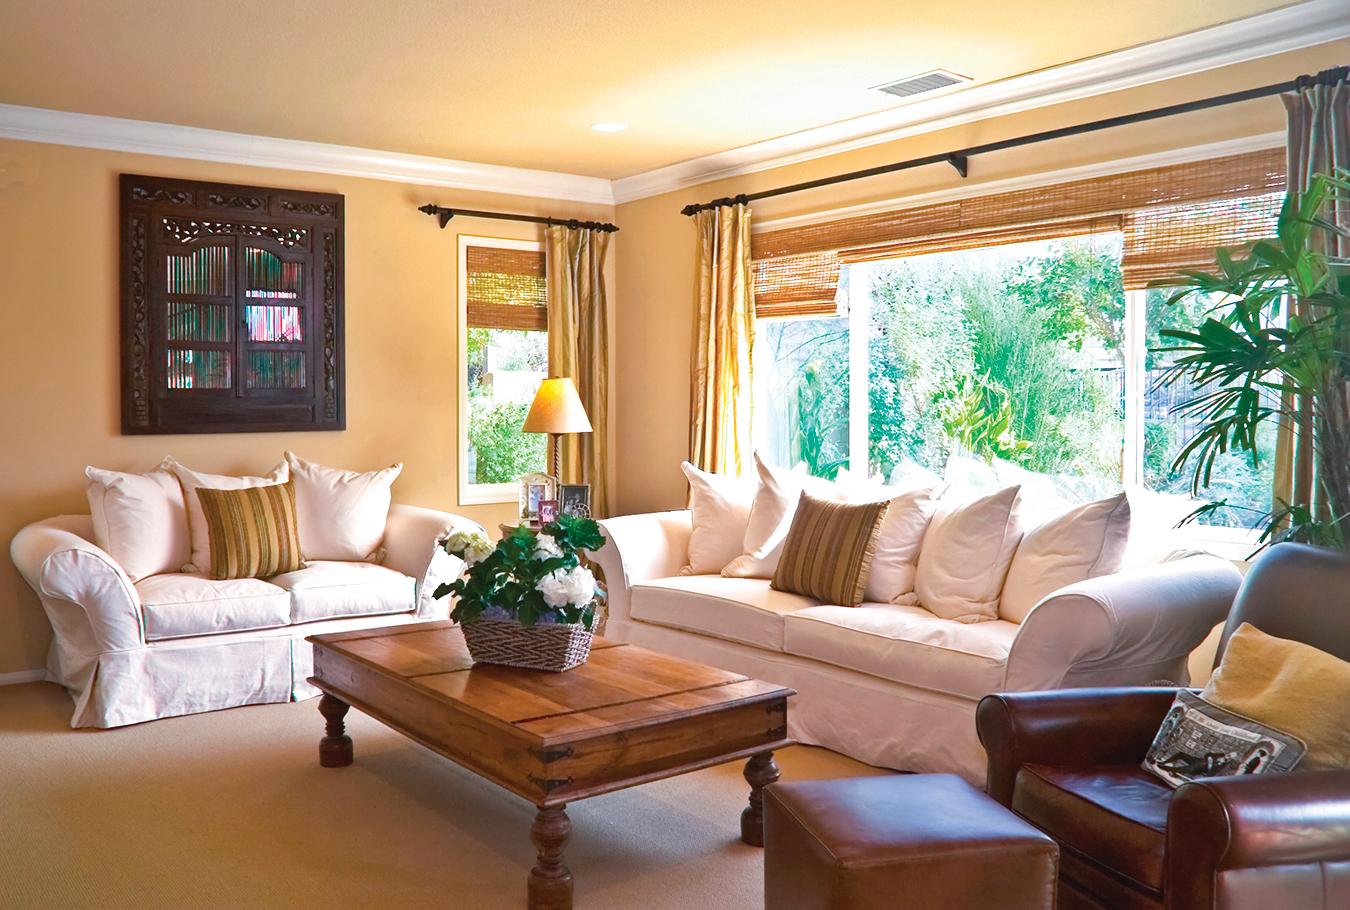 家中可選用遮光捲簾,可避免陽光直射室內。